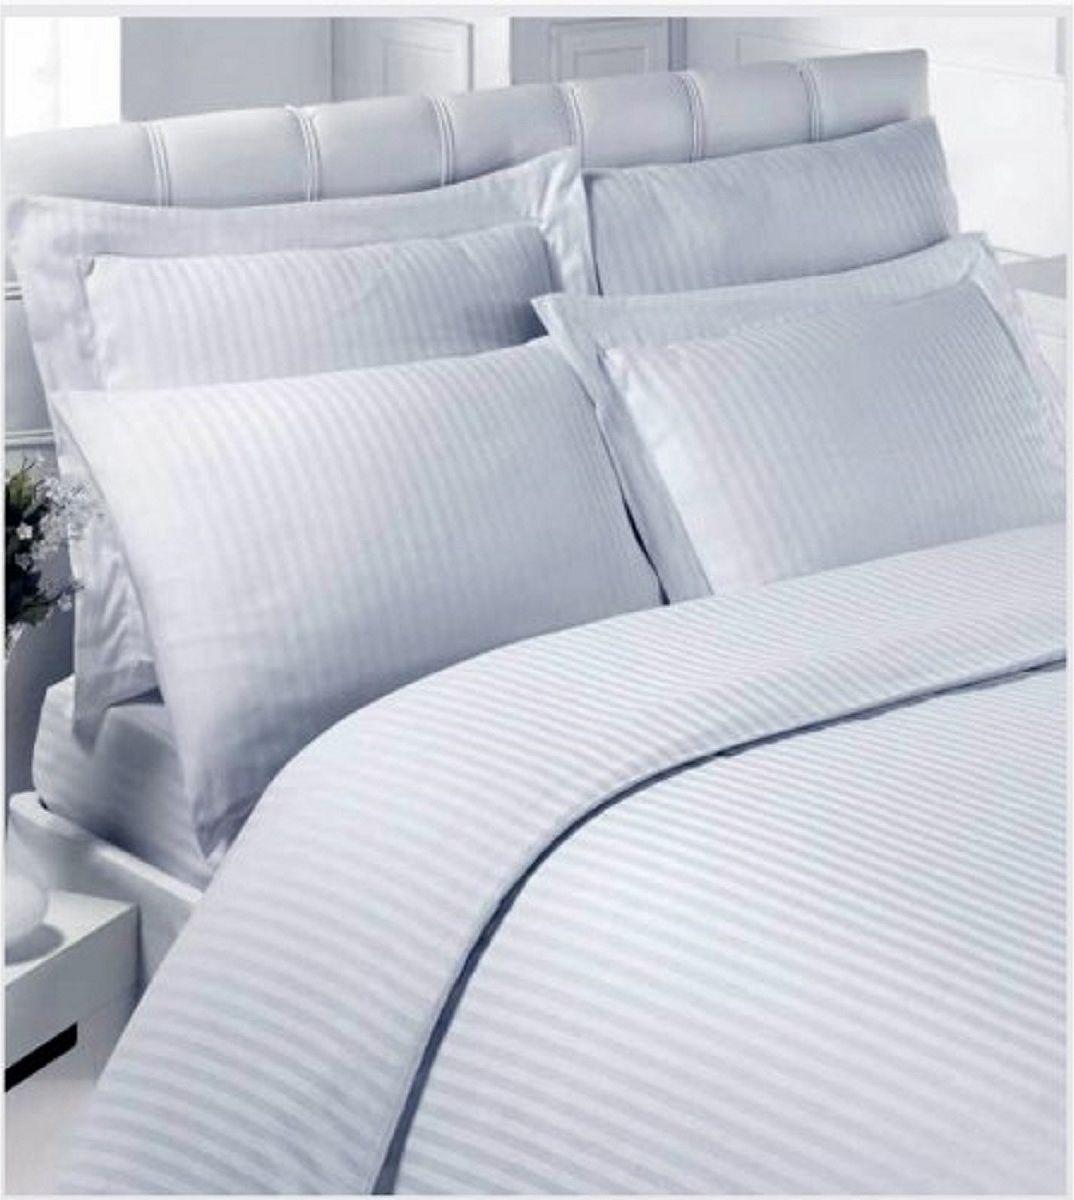 Комплект белья Karna, гостиничное, 1,5 спальный, наволочка 50x70. 219/1219/1